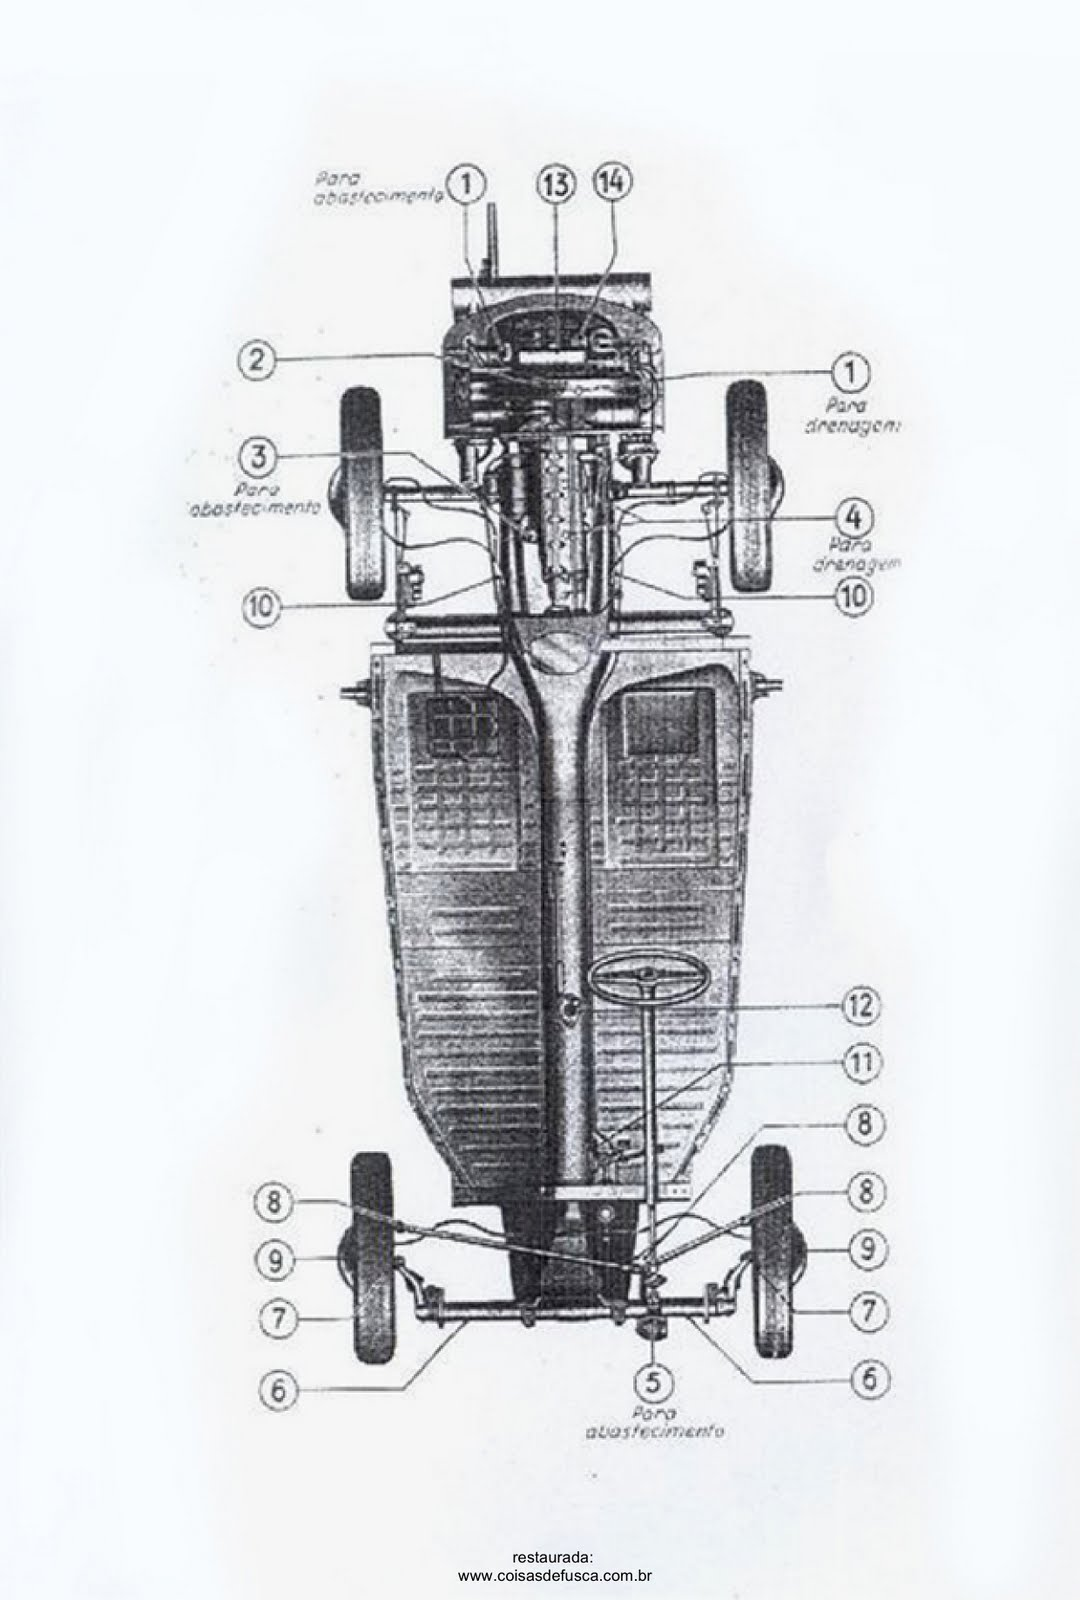 MANUAIS DO PROPRIETÁRIO GRÁTIS: MANUAL DO VW FUSCA 1952